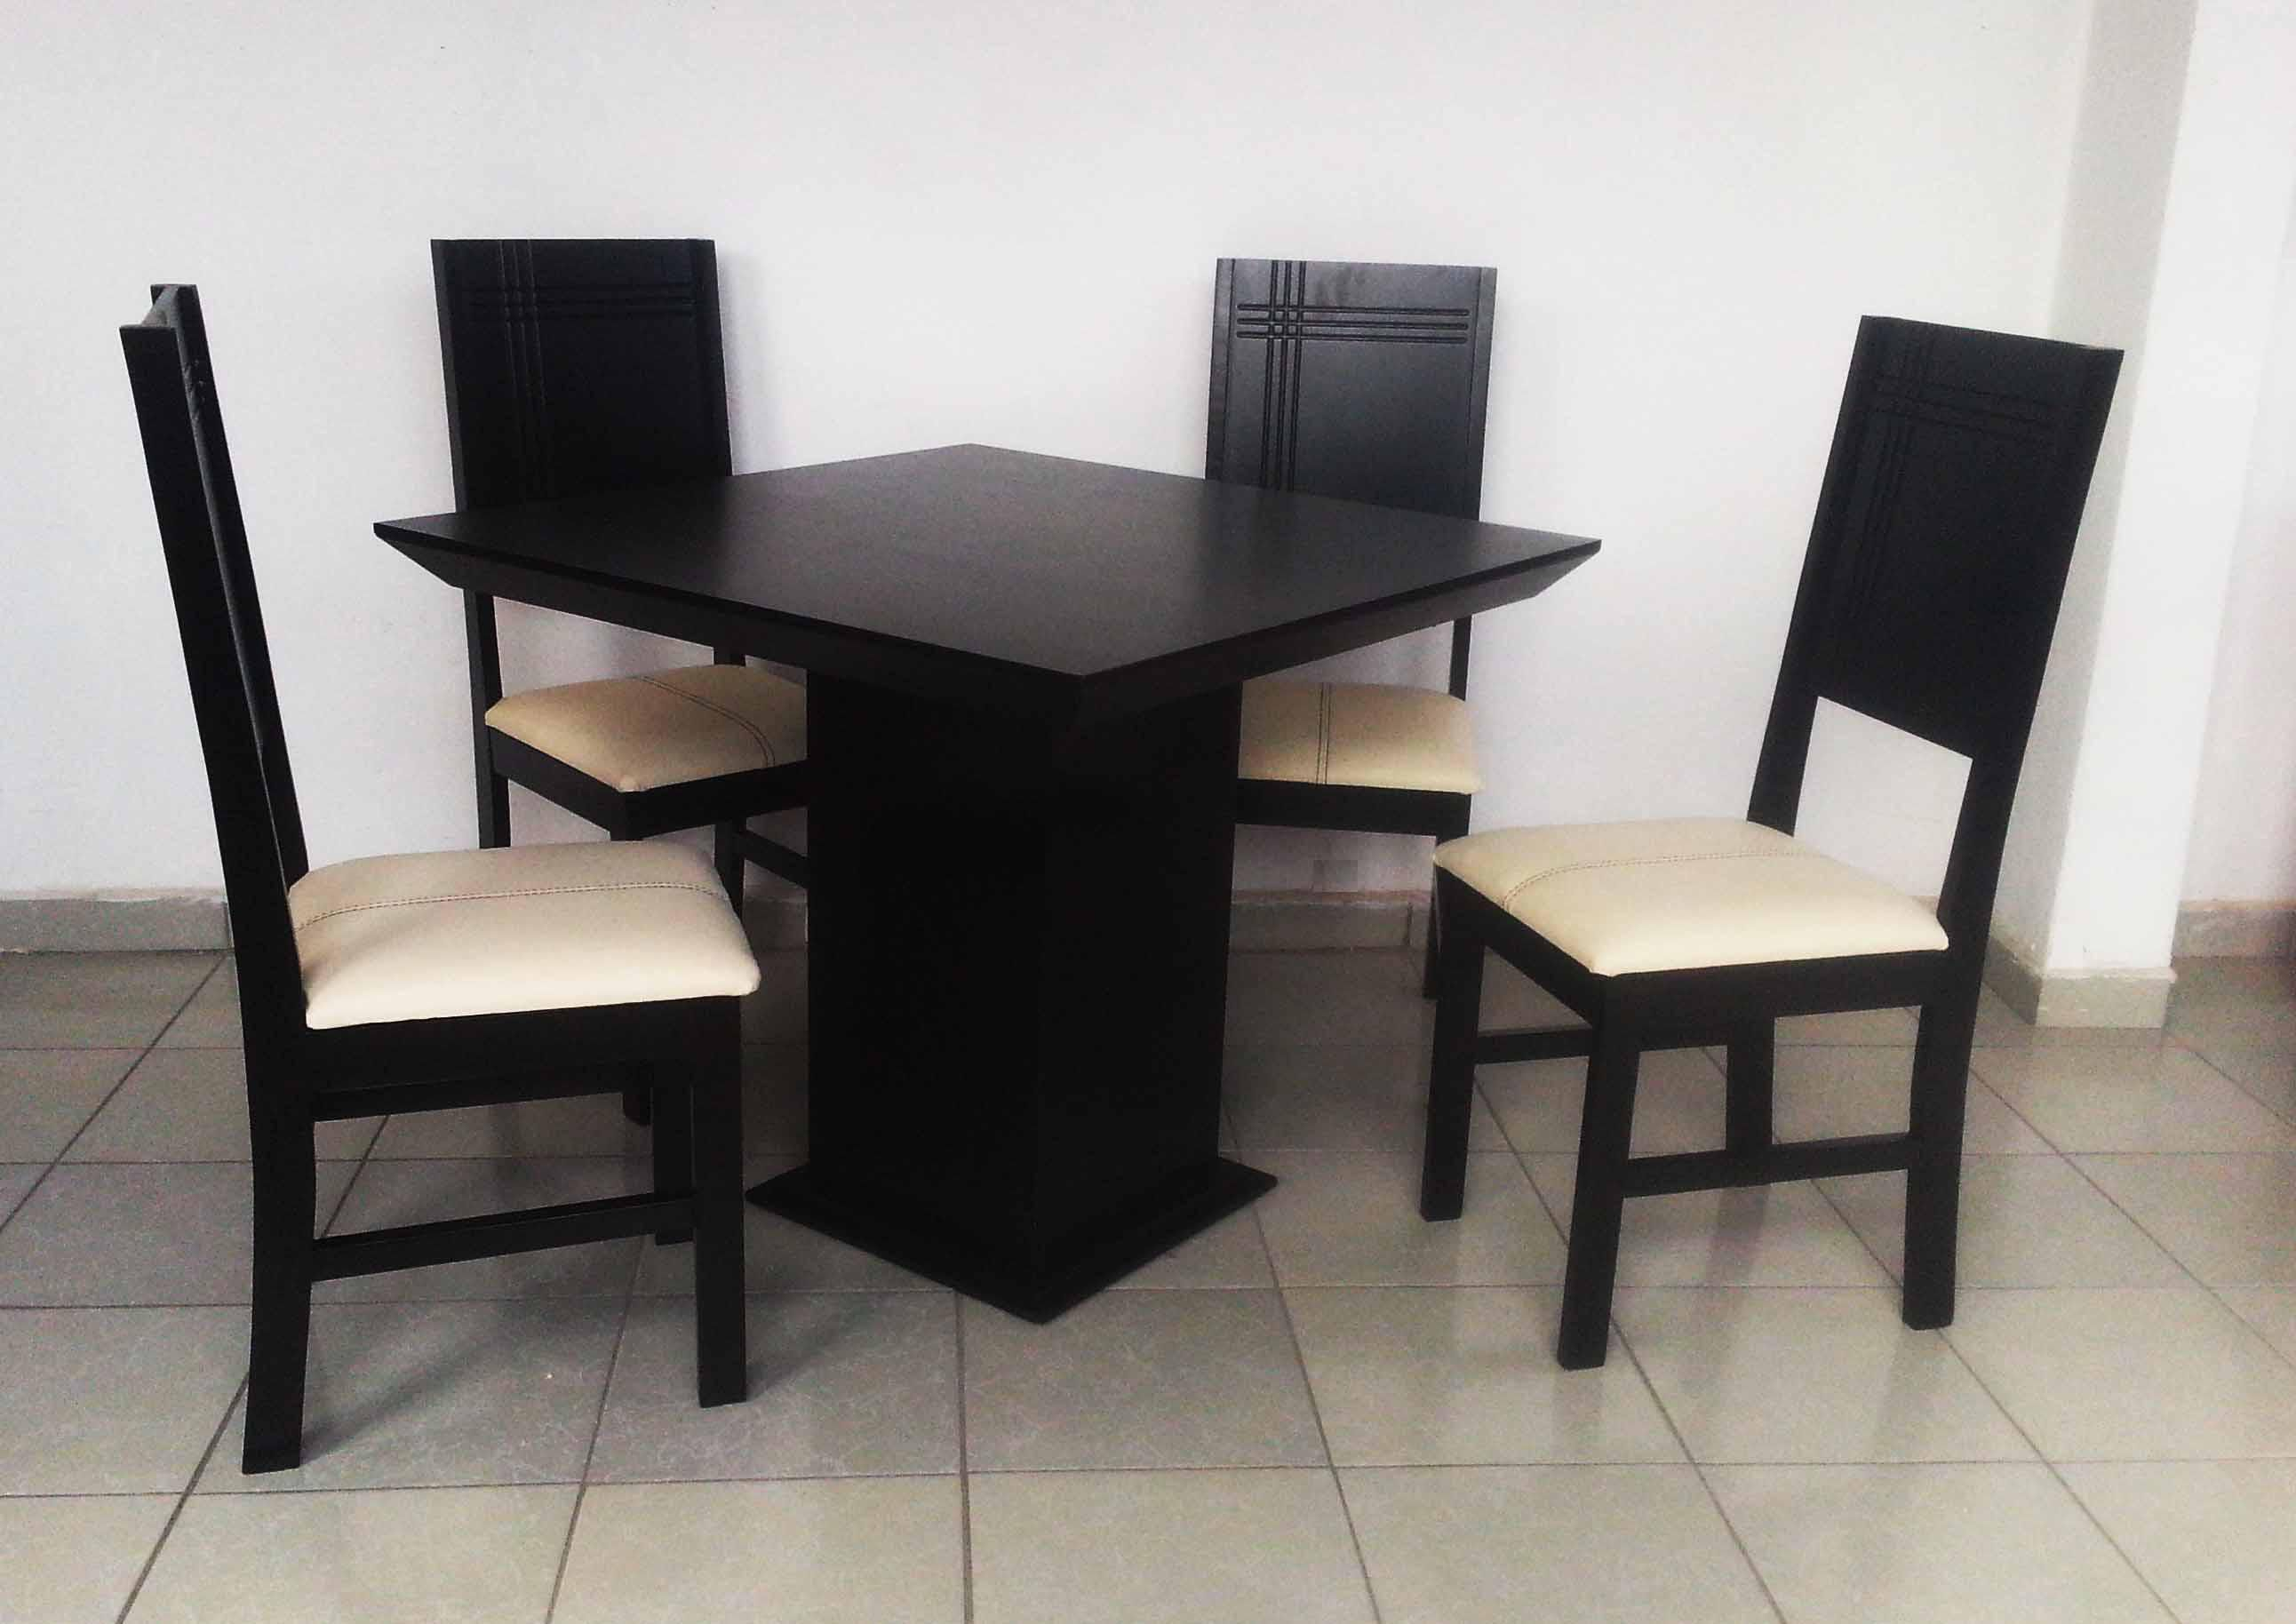 Comedor mesa y 4 sillas chocolate nuevo moderno madera for Comedor 4 sillas madera